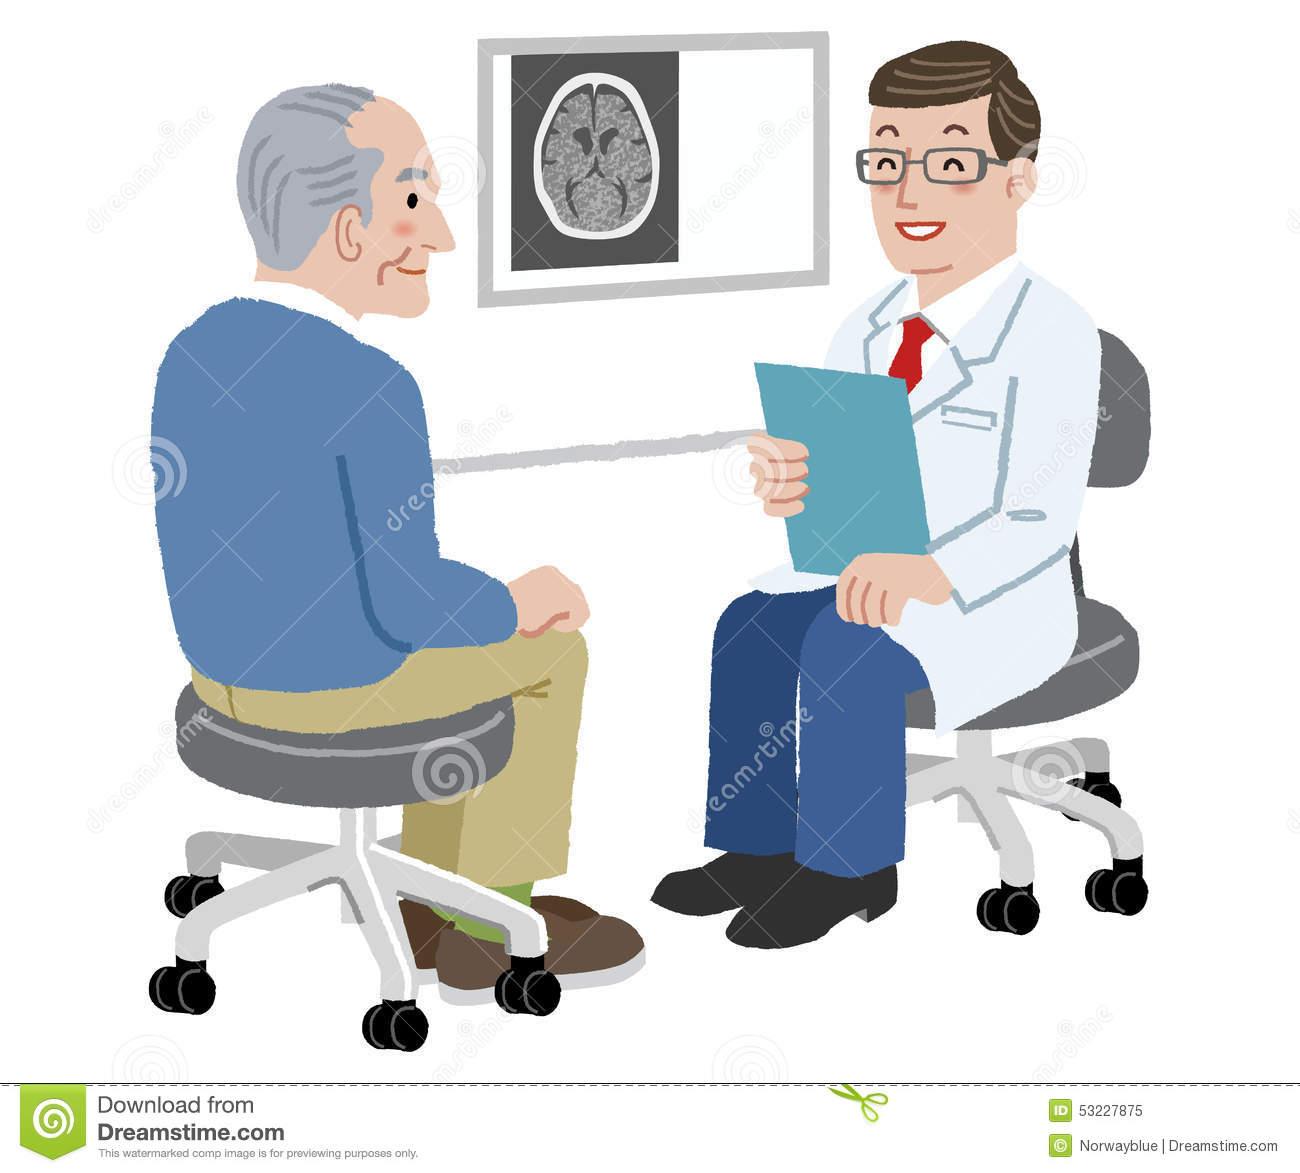 Patient clipart doctor patient communication. Station